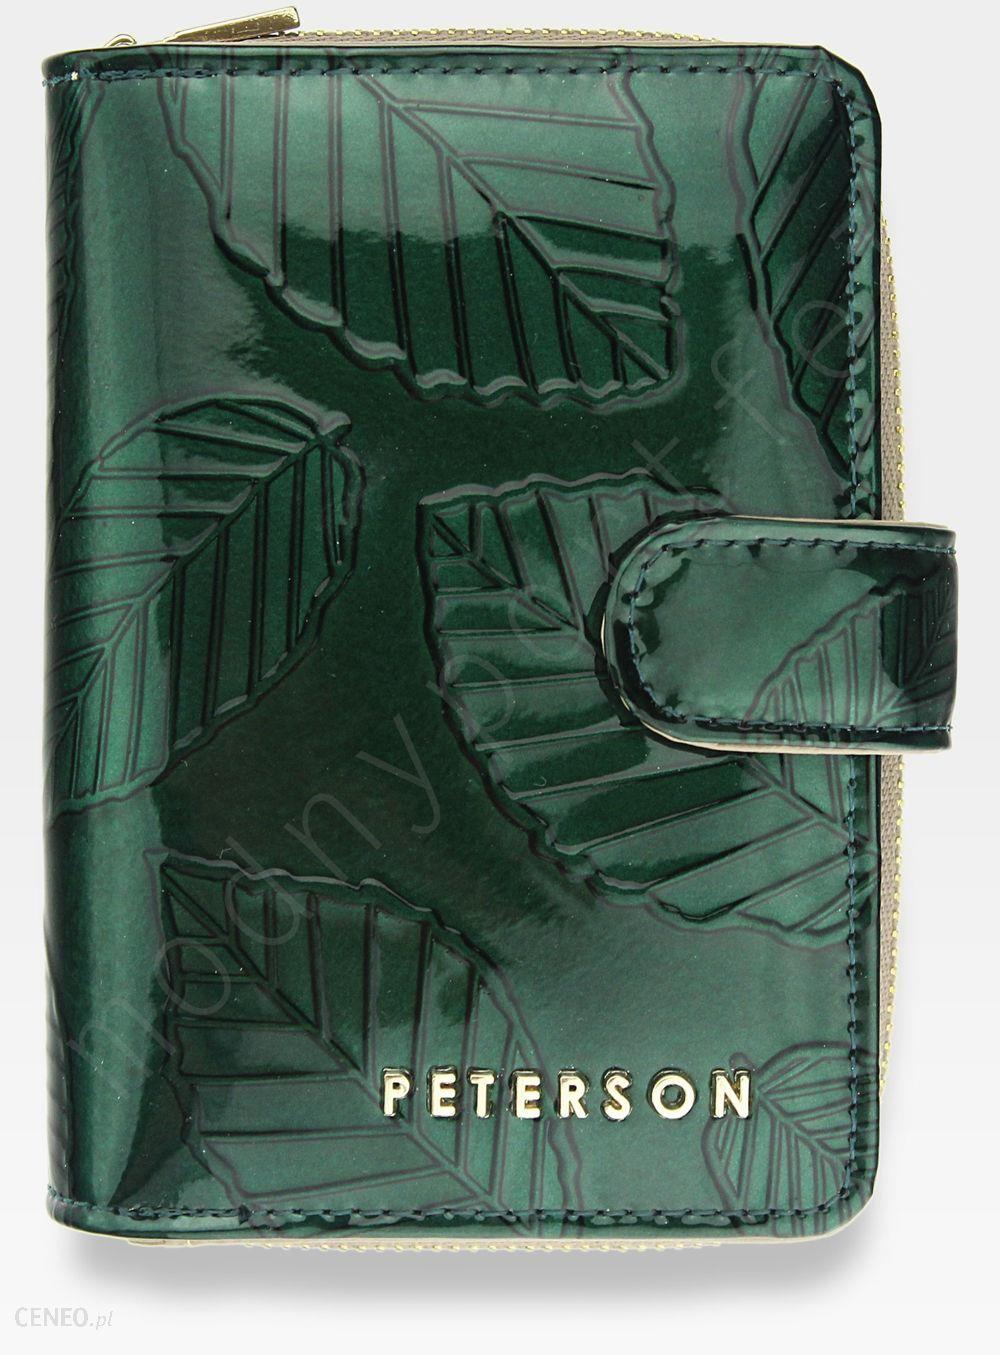 3091abfe62aa3 Portfel Damski Skórzany PETERSON Lakierowany Zielone Liście 602 - zdjęcie 1